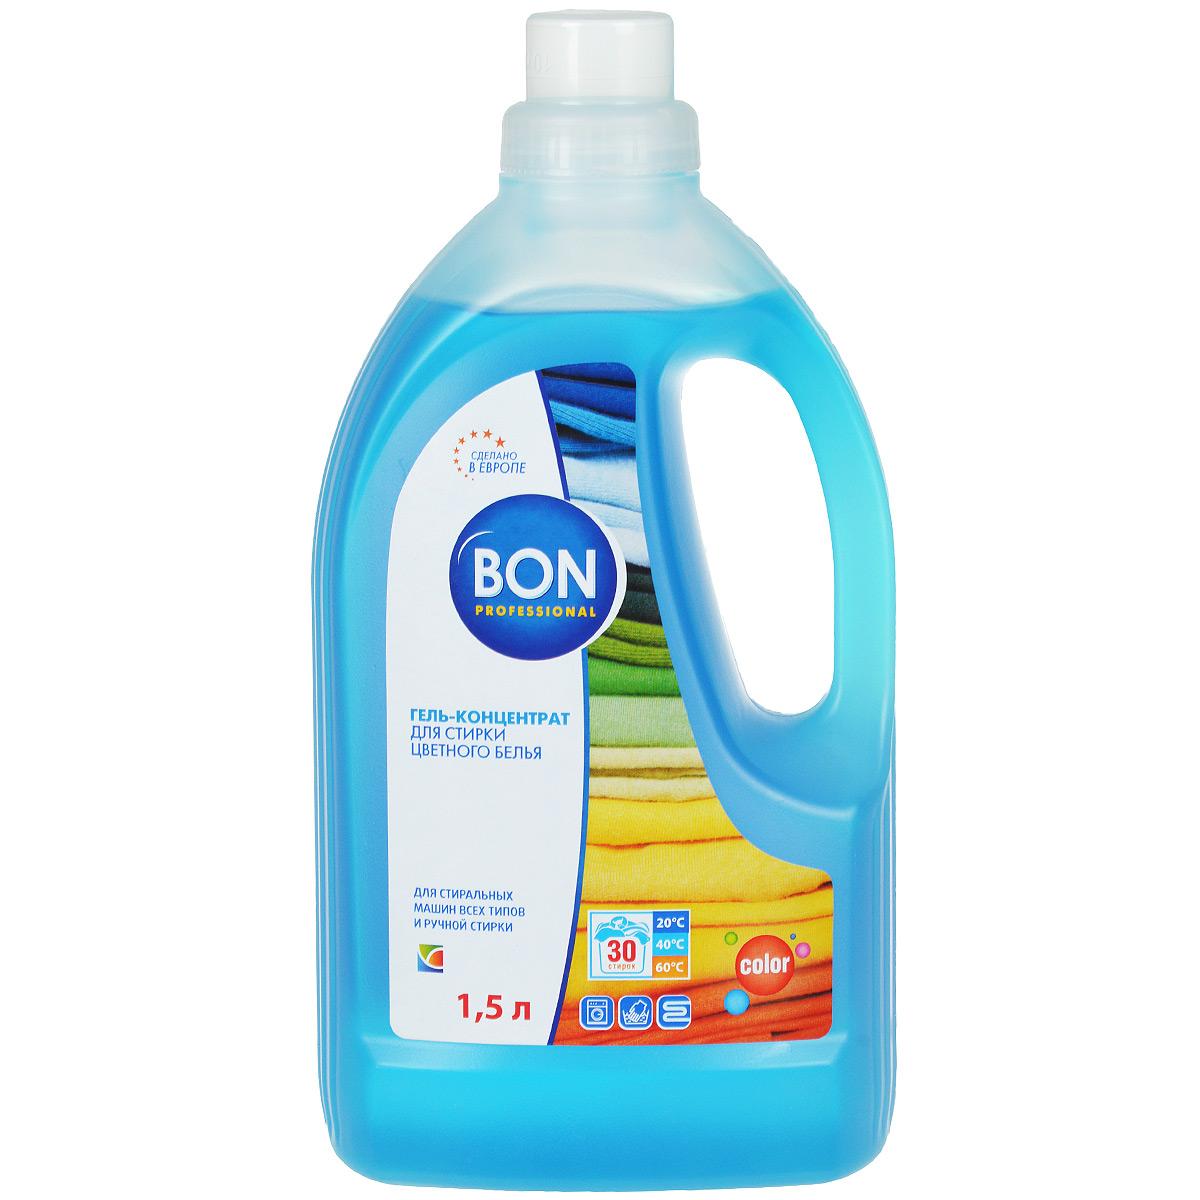 """Гель """"Bon"""", для стирки цветного белья, концентрат, 1,5 л"""